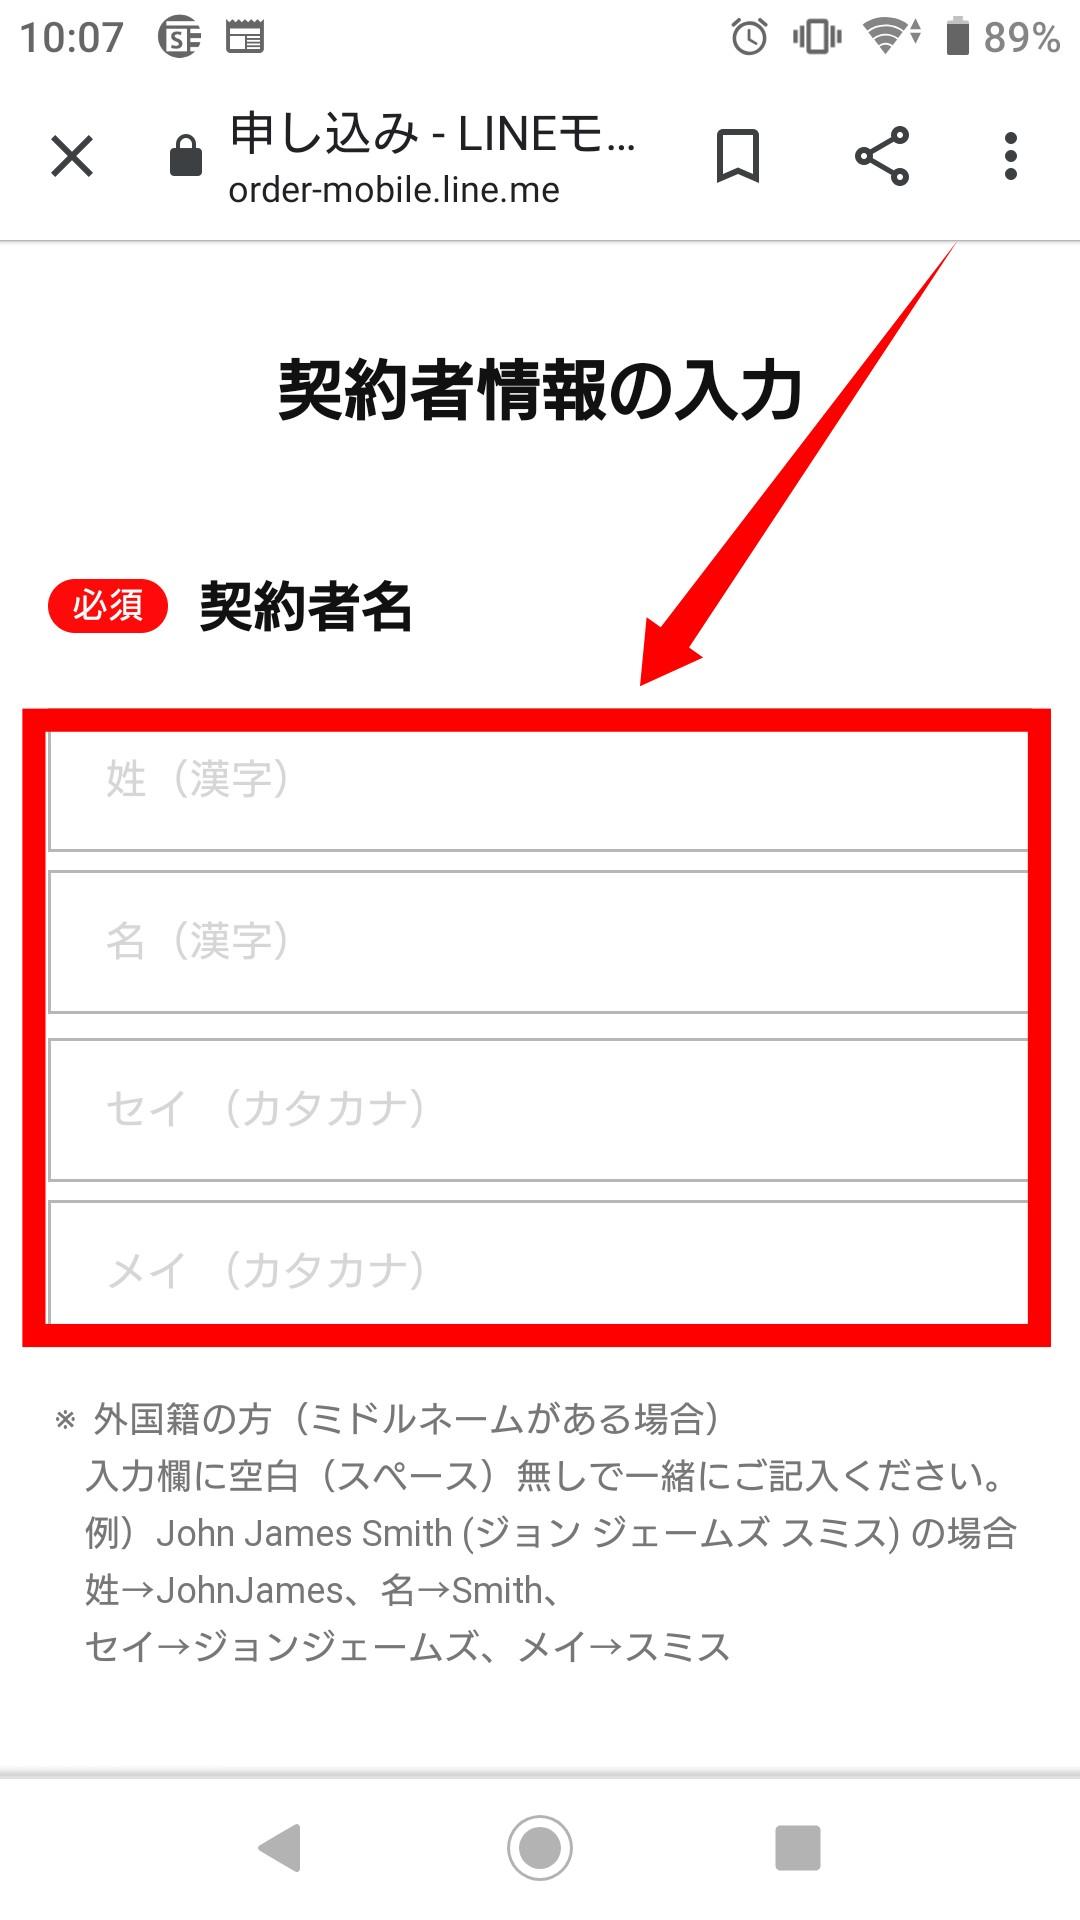 LINEモバイルの申し込み手順